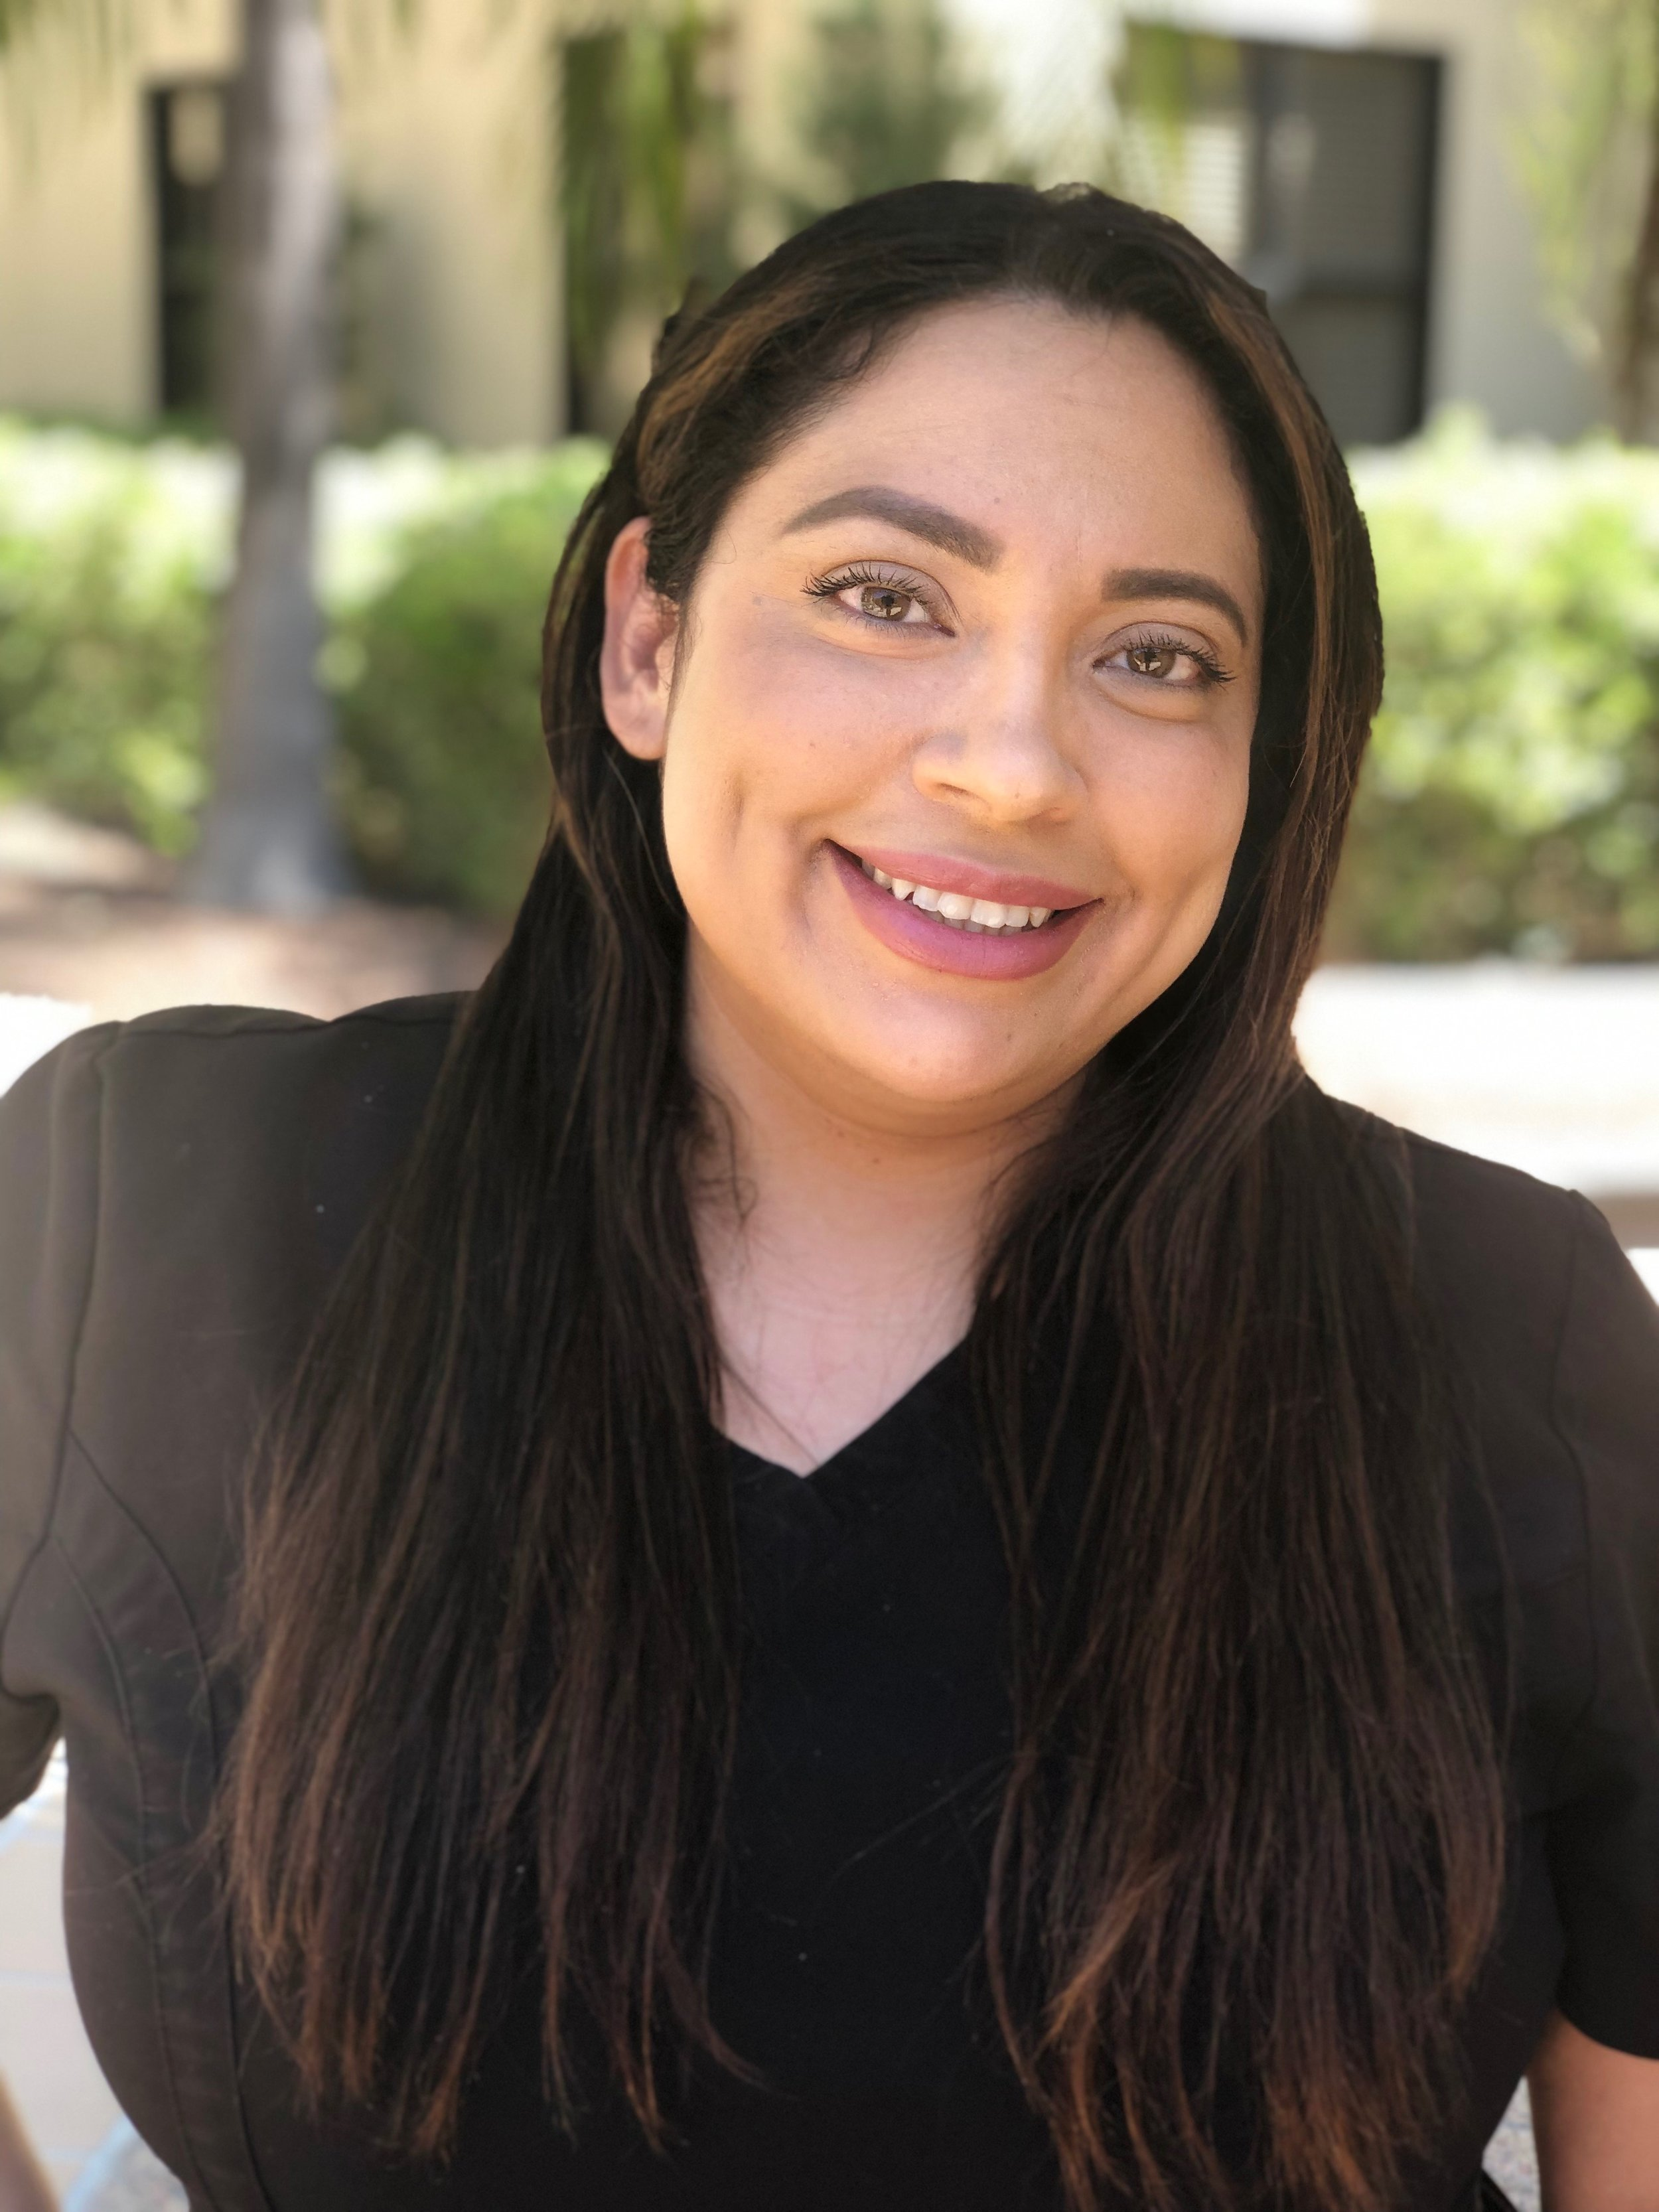 Rosanna L. - Dental Hygienist